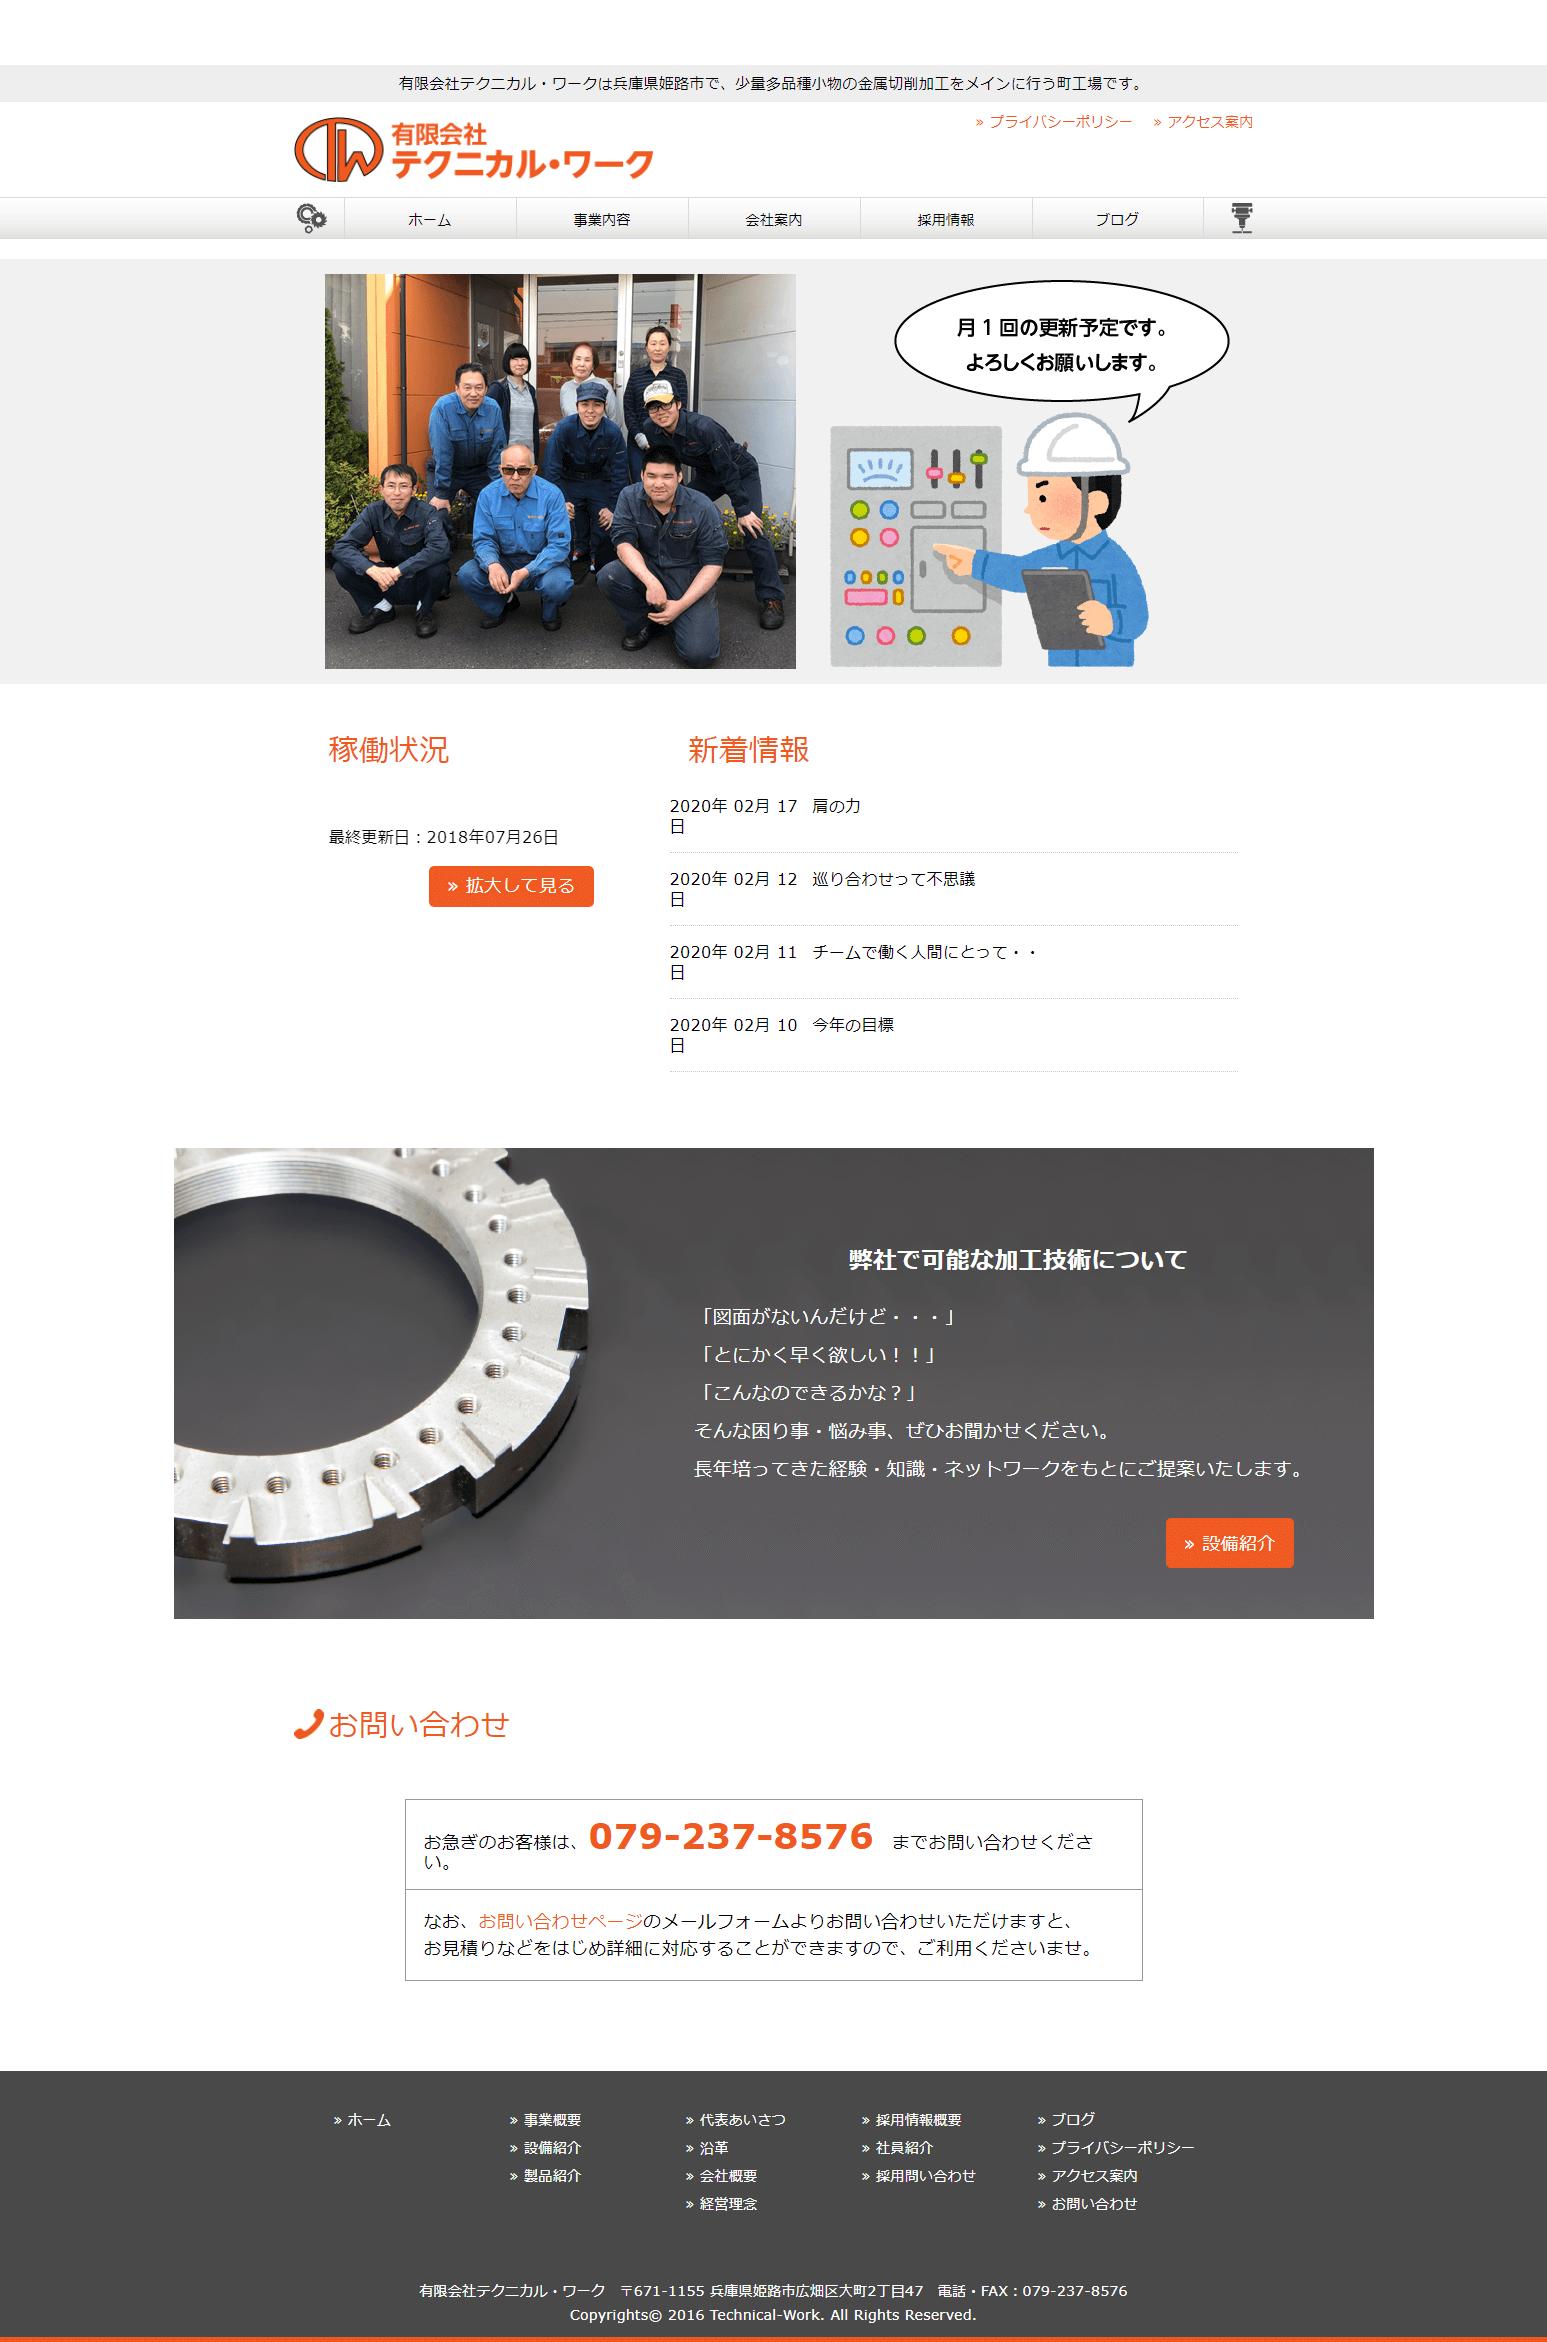 旧サイト:姫路市 有限会社テクニカル・ワーク ホームページ制作